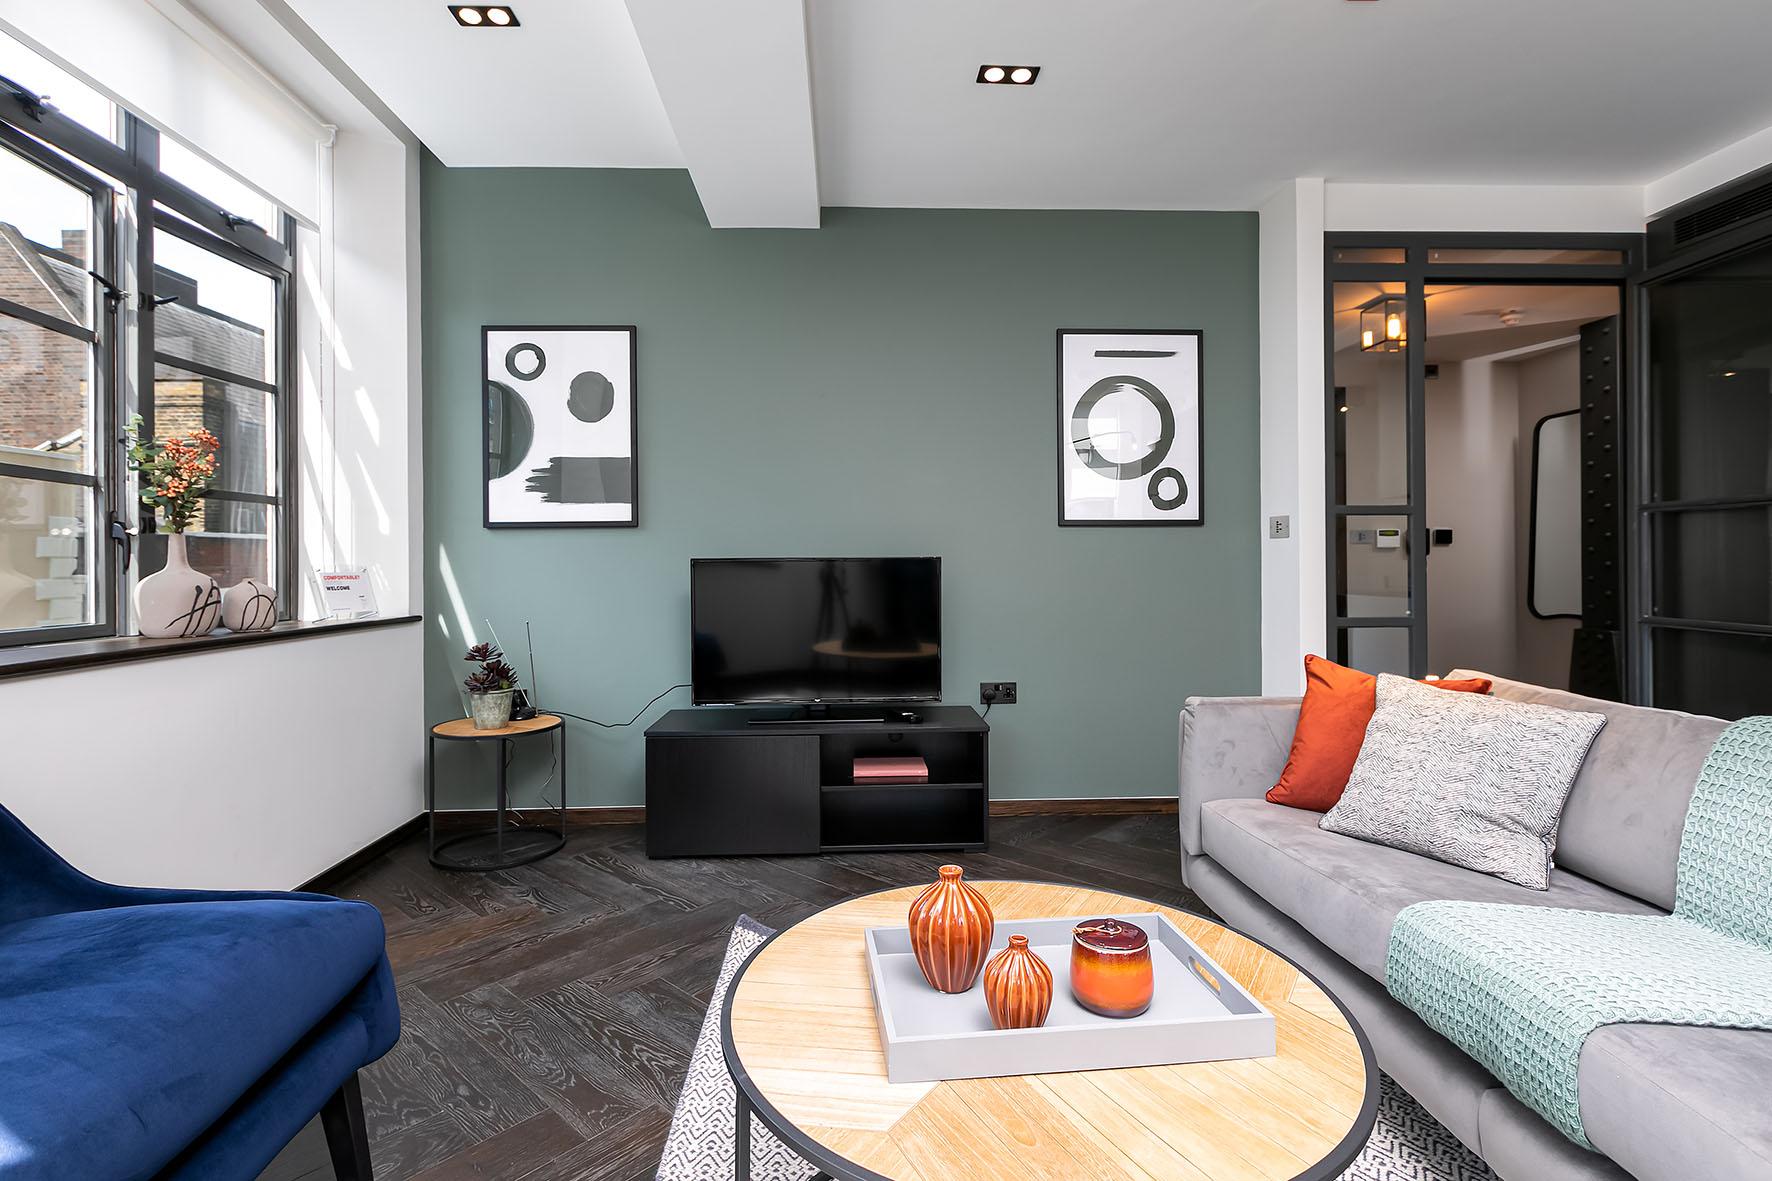 Lovelydays luxury service apartment rental - London - Soho - Oxford Street IV - Lovelysuite - 2 bedrooms - 2 bathrooms - Luxury living room - f80c97ab74c5 - Lovelydays